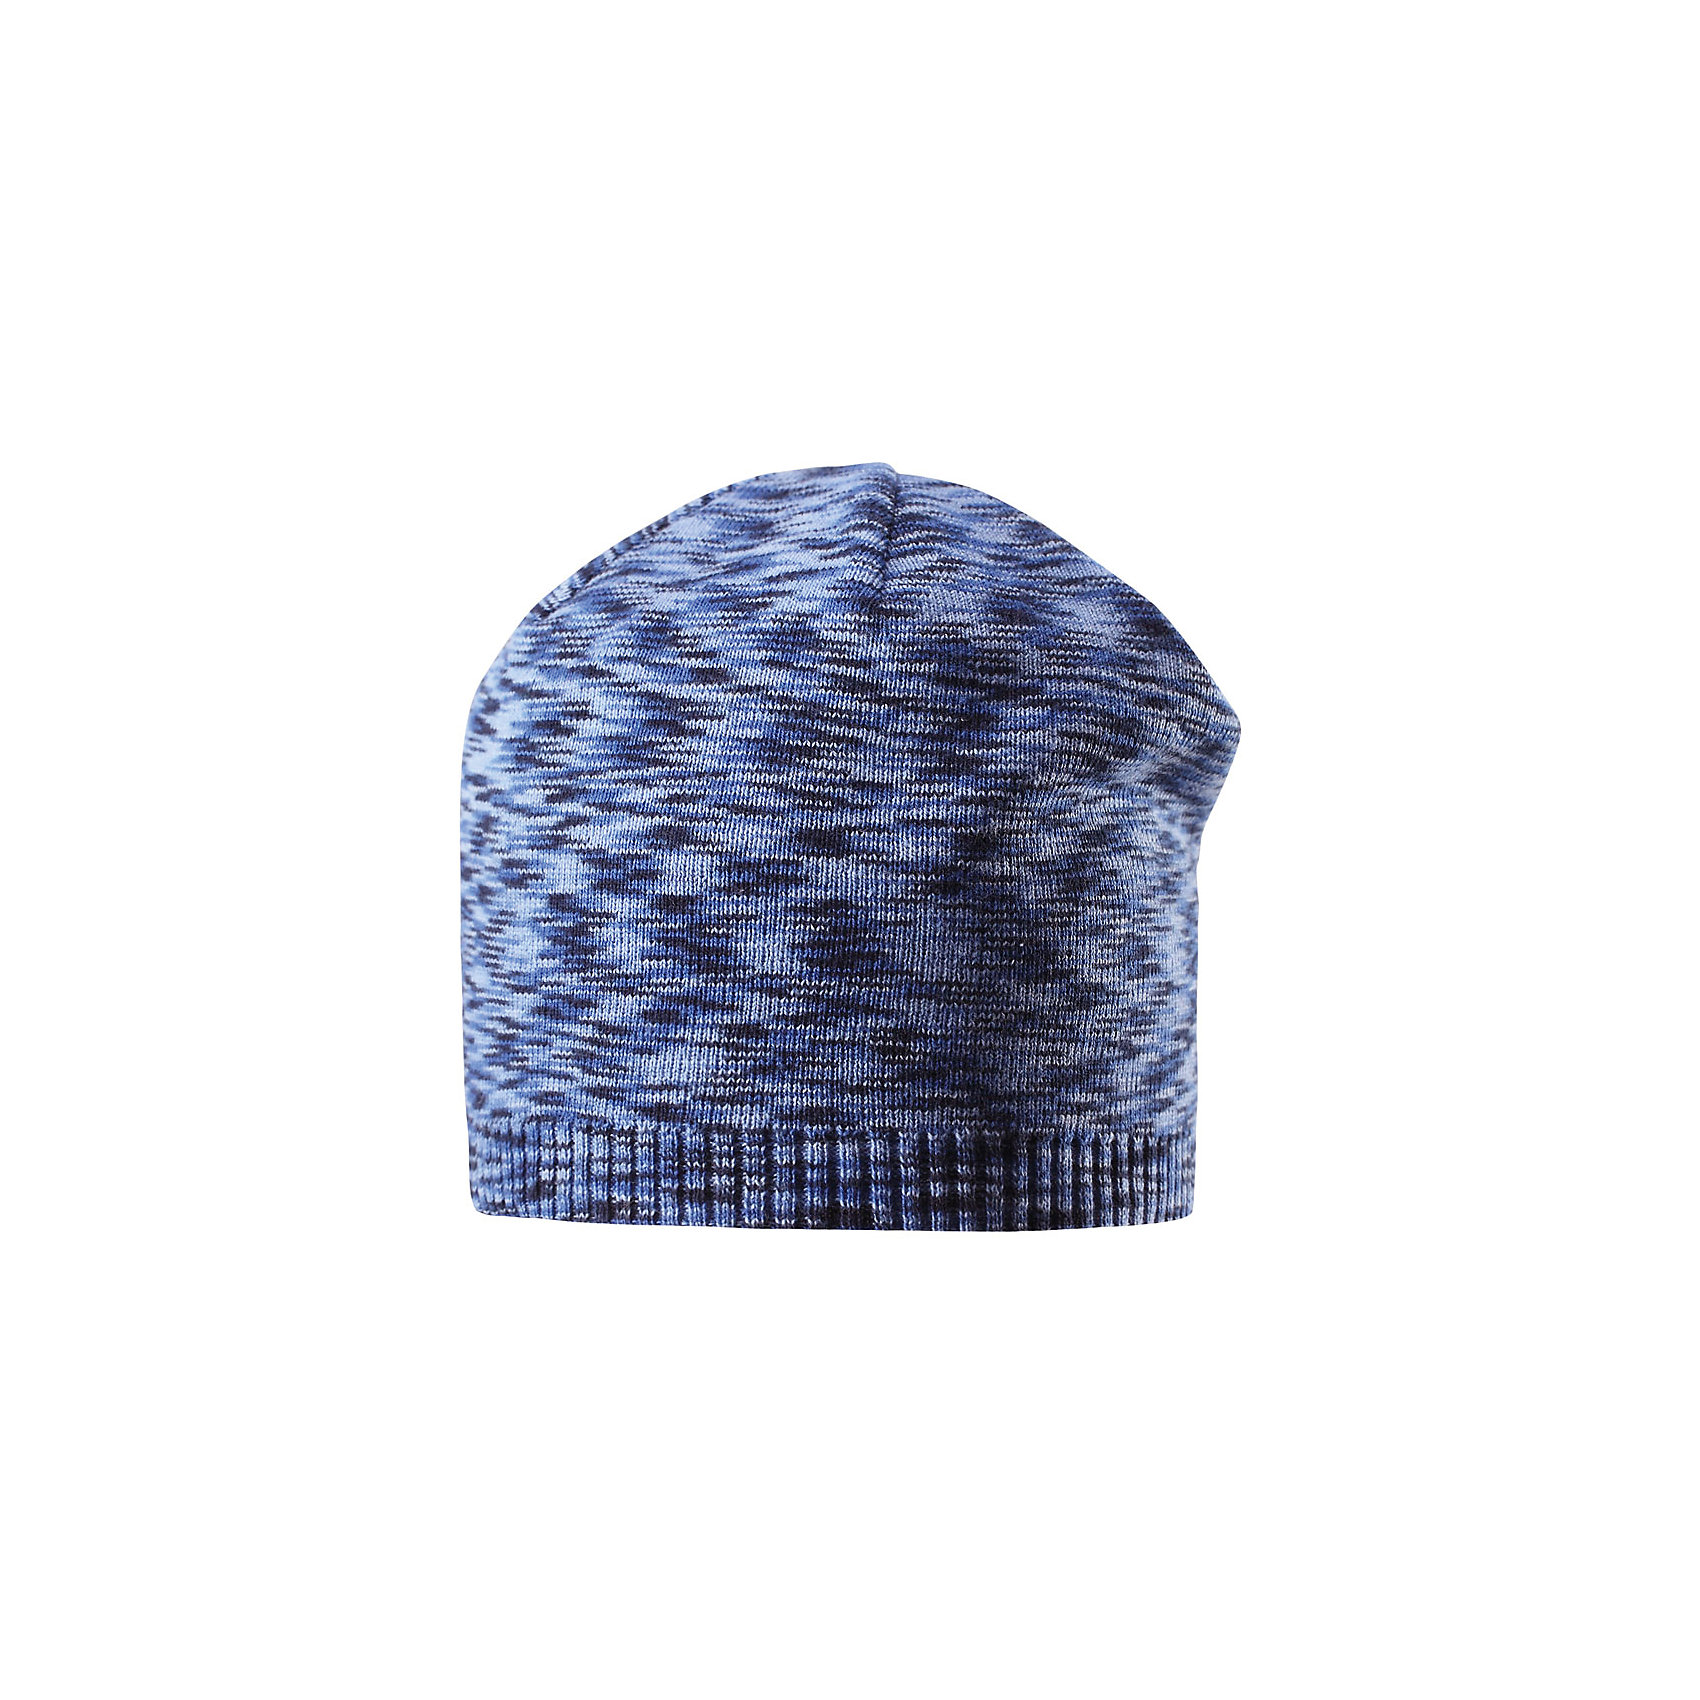 Шапка Liplatus ReimaШапки и шарфы<br>Характеристики товара:<br><br>• цвет: синий<br>• состав: 100% хлопок<br>• температурный режим: от 10С<br>• эластичный хлопковый трикотаж<br>• изделие сертифицированно по стандарту Oeko-Tex на продукция класса 2 - одежда, контактирующая с кожей<br>• облегчённая модель без подкладки<br>• эмблема Reima сзади<br>• страна бренда: Финляндия<br>• страна производства: Китай<br><br>Детский головной убор может быть модным и удобным одновременно! Стильная шапка поможет обеспечить ребенку комфорт и дополнить наряд. Шапка удобно сидит и аккуратно выглядит. Проста в уходе, долго служит.<br><br>Уход:<br><br>• сирать по отдельности, вывернув наизнанку<br>• придать первоначальную форму вo влажном виде<br>• возможна усадка 5 %.<br><br>Шапку для мальчика от финского бренда Reima (Рейма) можно купить в нашем интернет-магазине.<br><br>Ширина мм: 89<br>Глубина мм: 117<br>Высота мм: 44<br>Вес г: 155<br>Цвет: синий<br>Возраст от месяцев: 9<br>Возраст до месяцев: 18<br>Пол: Унисекс<br>Возраст: Детский<br>Размер: 48,52,54,56,50<br>SKU: 5267814